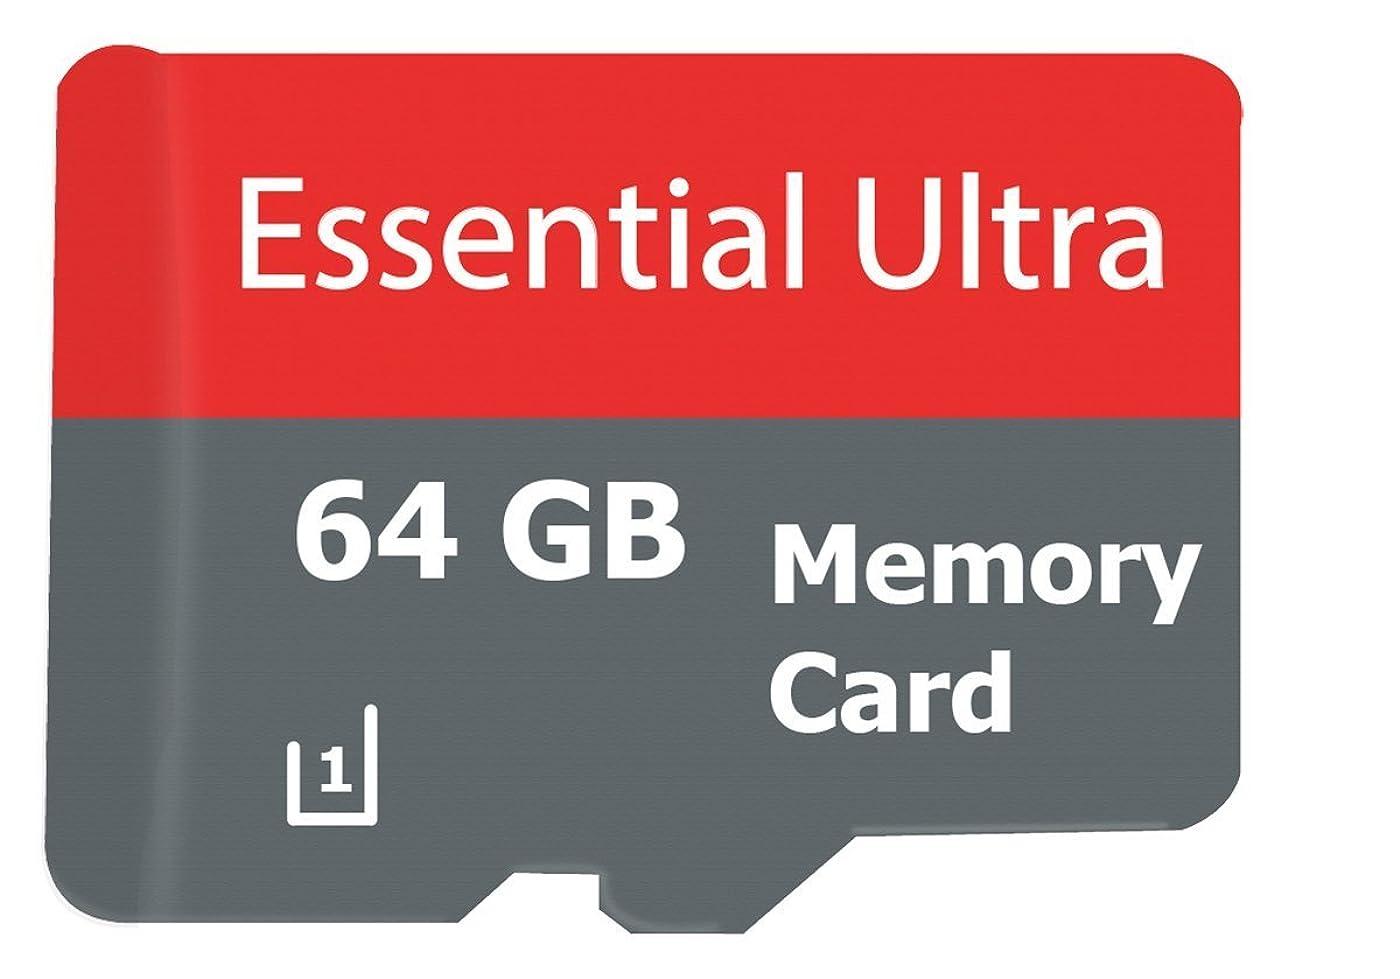 限定ひまわり気質Essential Ultra Xolo q1010i MicroSDHCカードwithカスタム形式のHi - Speedロスレス認定記録。With SDアダプタ。(クラス10、最大500?xまたは70?MB /秒)